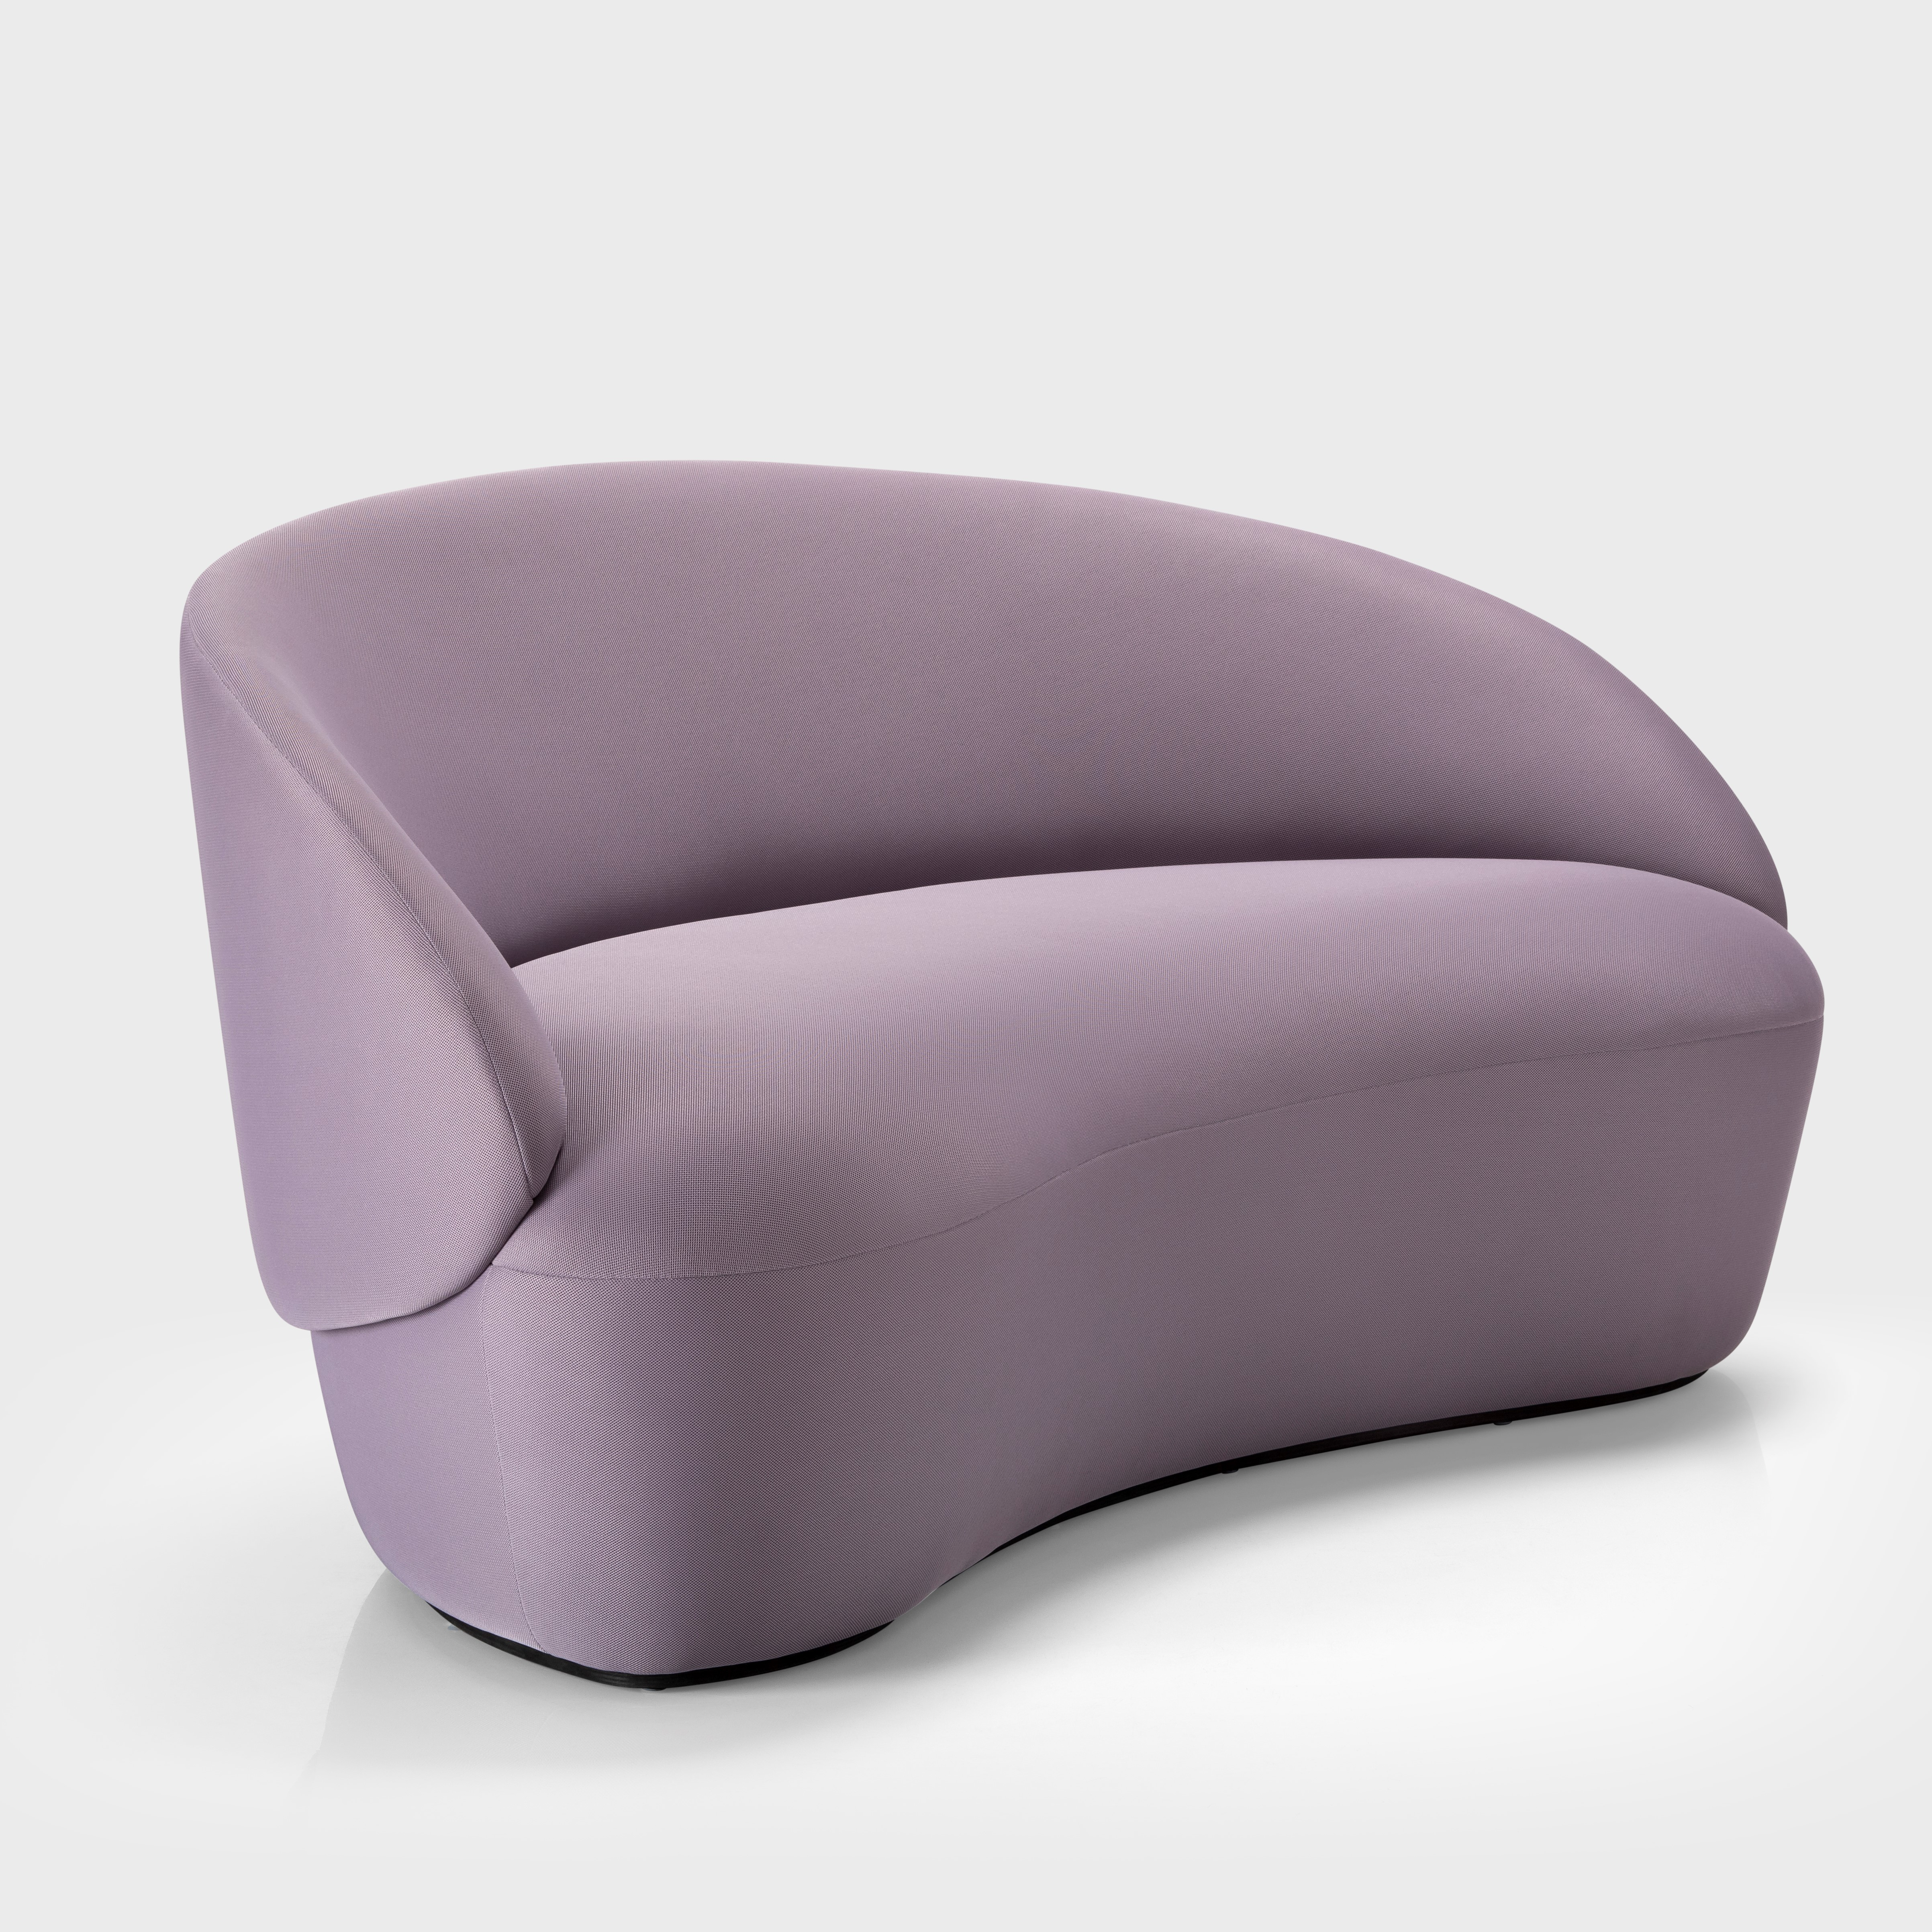 1_Emko-Naive-sofa-alyvine